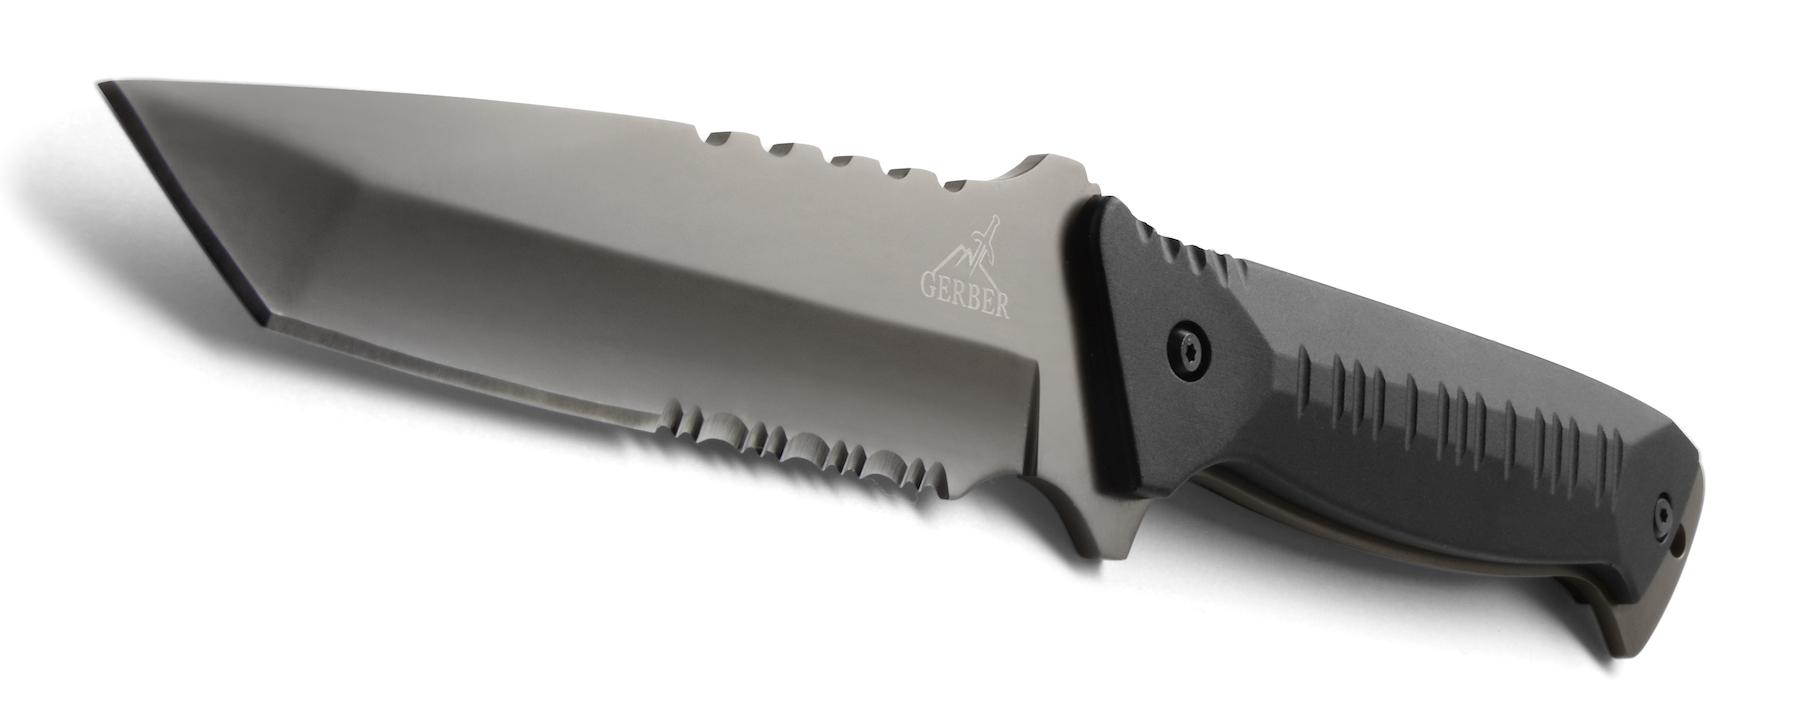 Gerber Warrant - Couteau